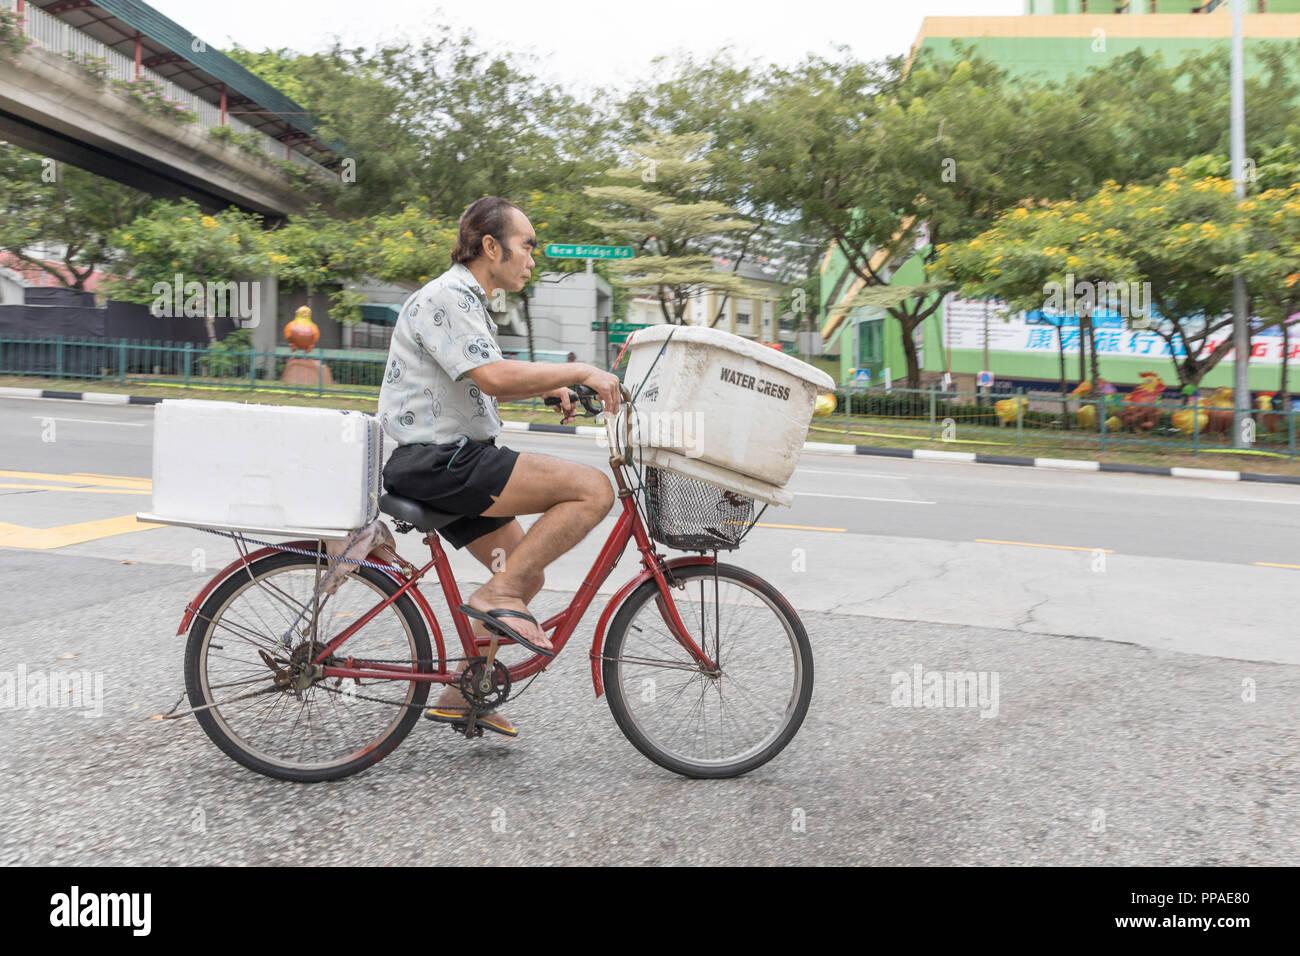 SGP, Singapur, 22.02.2017, Singapur Chinesischer Fahrradkurier mit Kühlbehätern  © 2017 Christoph Hermann Stock Photo